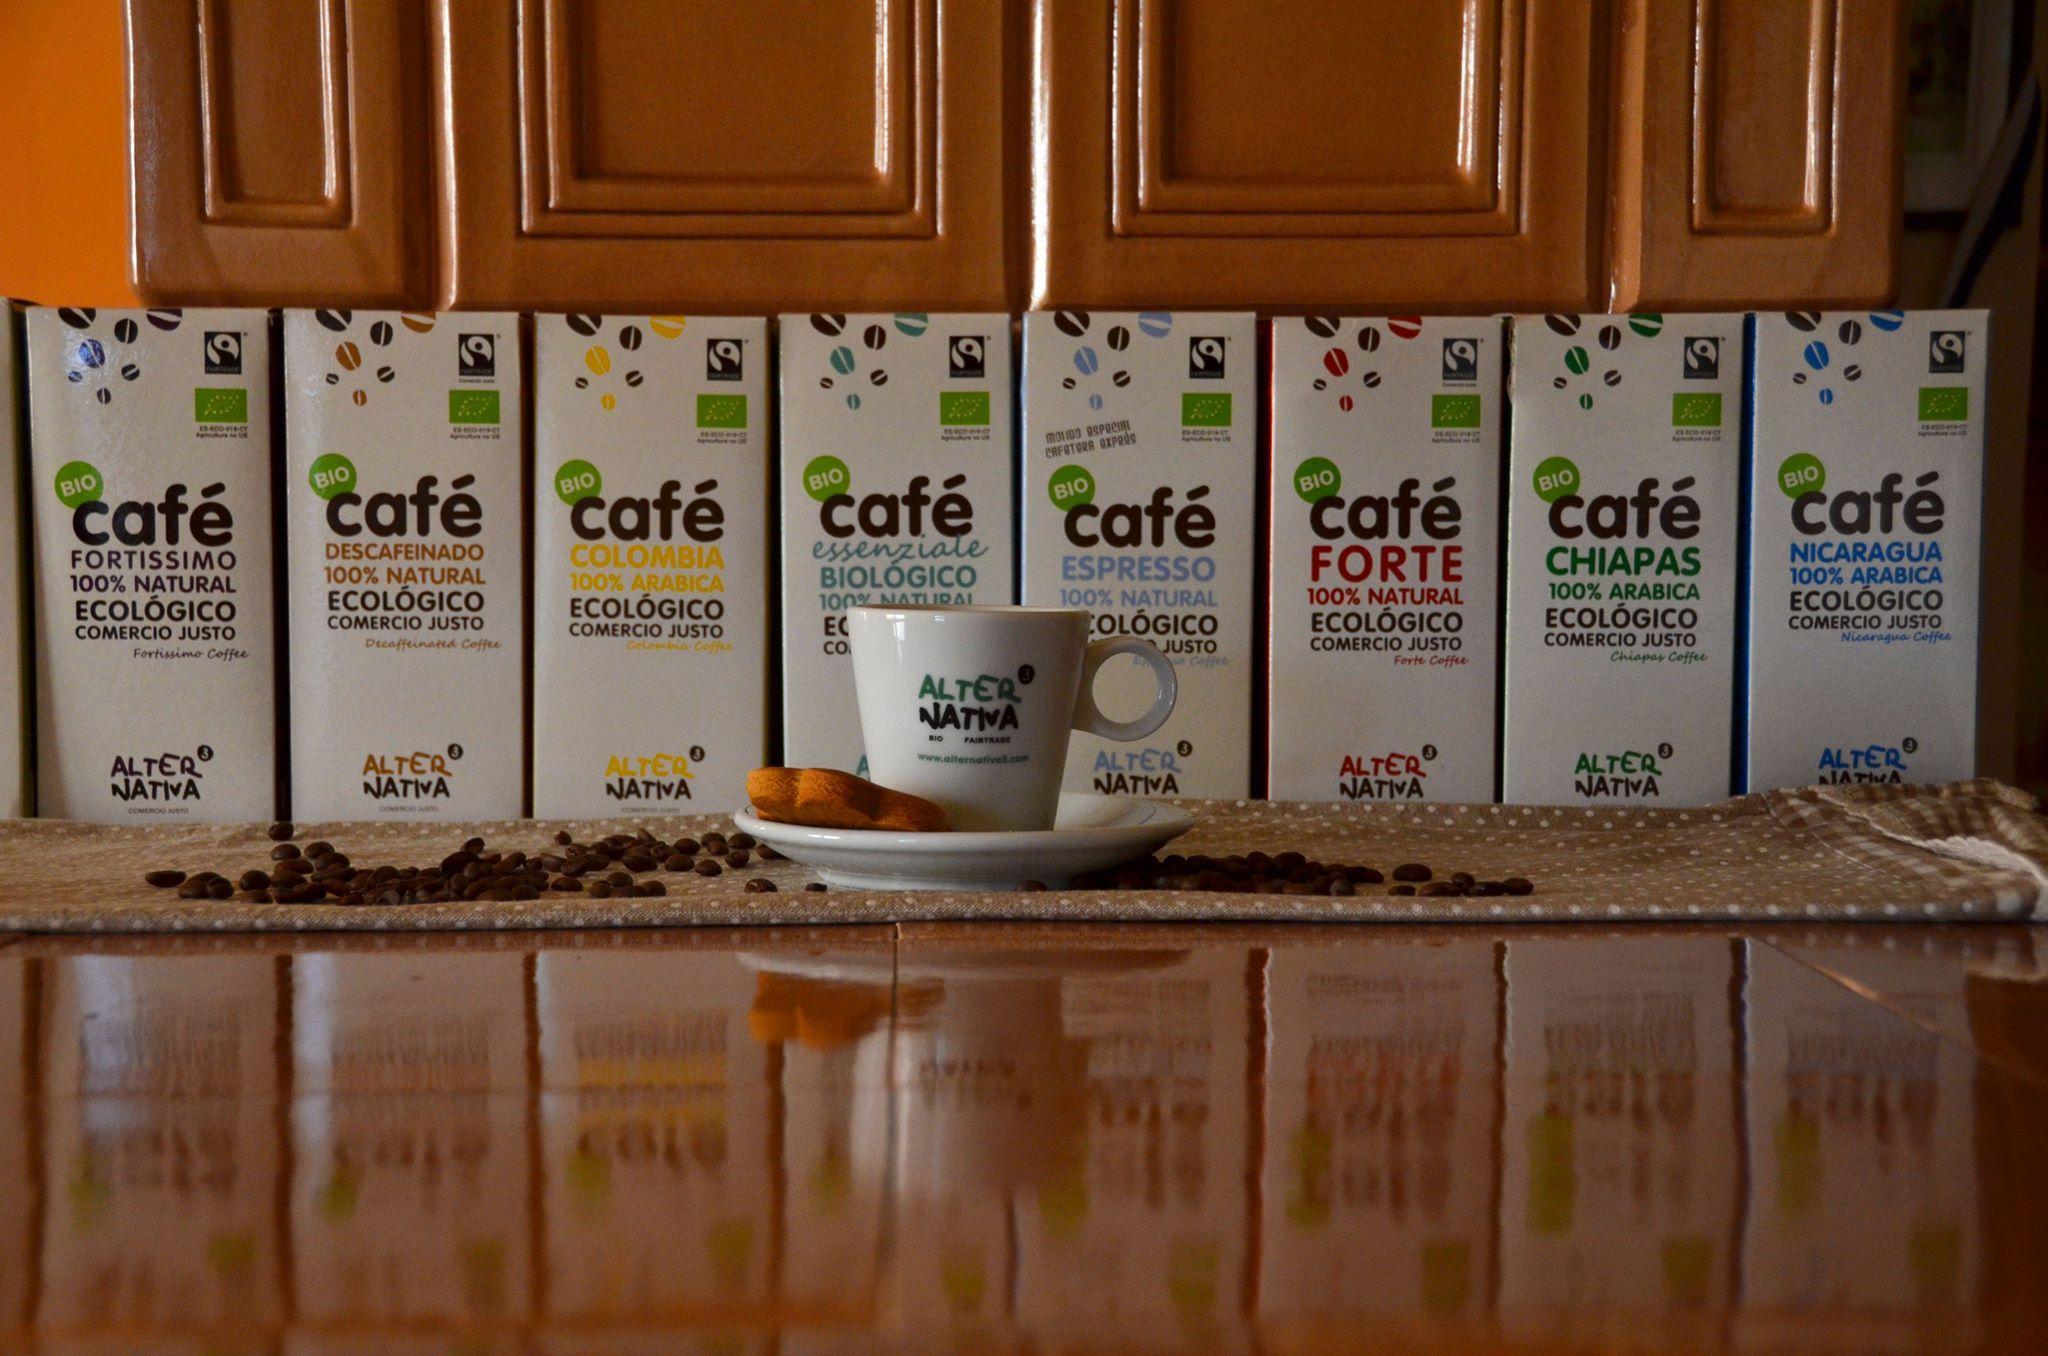 Őrölt kávé típusok